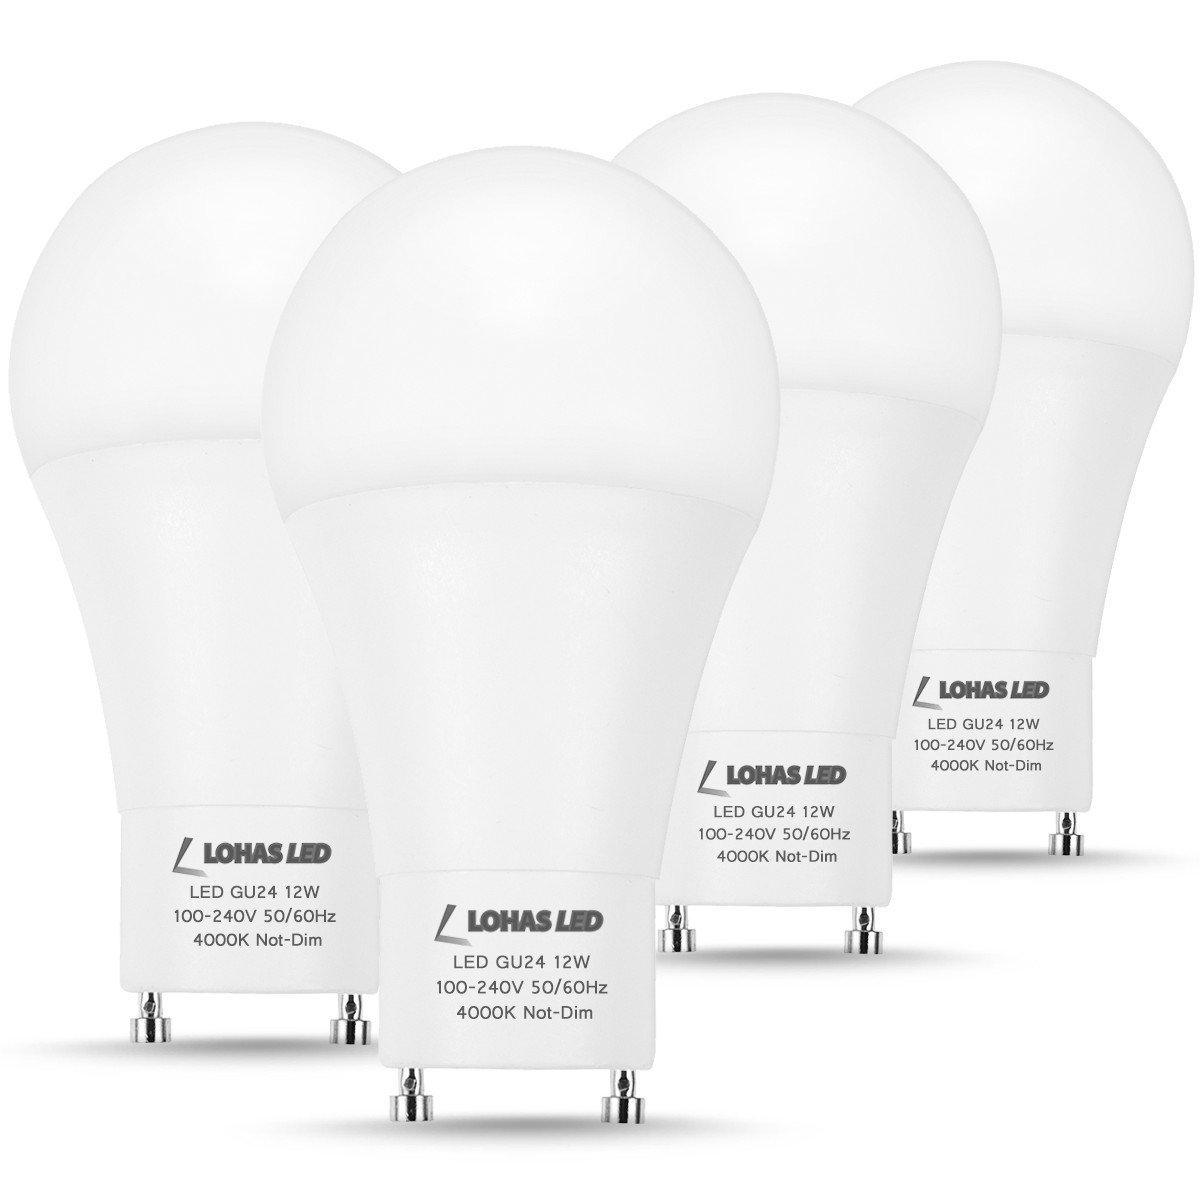 LOHAS LED gu24電球、75 W-100 WベースLED CFLライト相当(12 W)、a19形状4000 K gu24電球Neturalデイライト、調光機能付きない、1200ルーメン、240度ビーム角度(4パック) B07DLWF3ZR